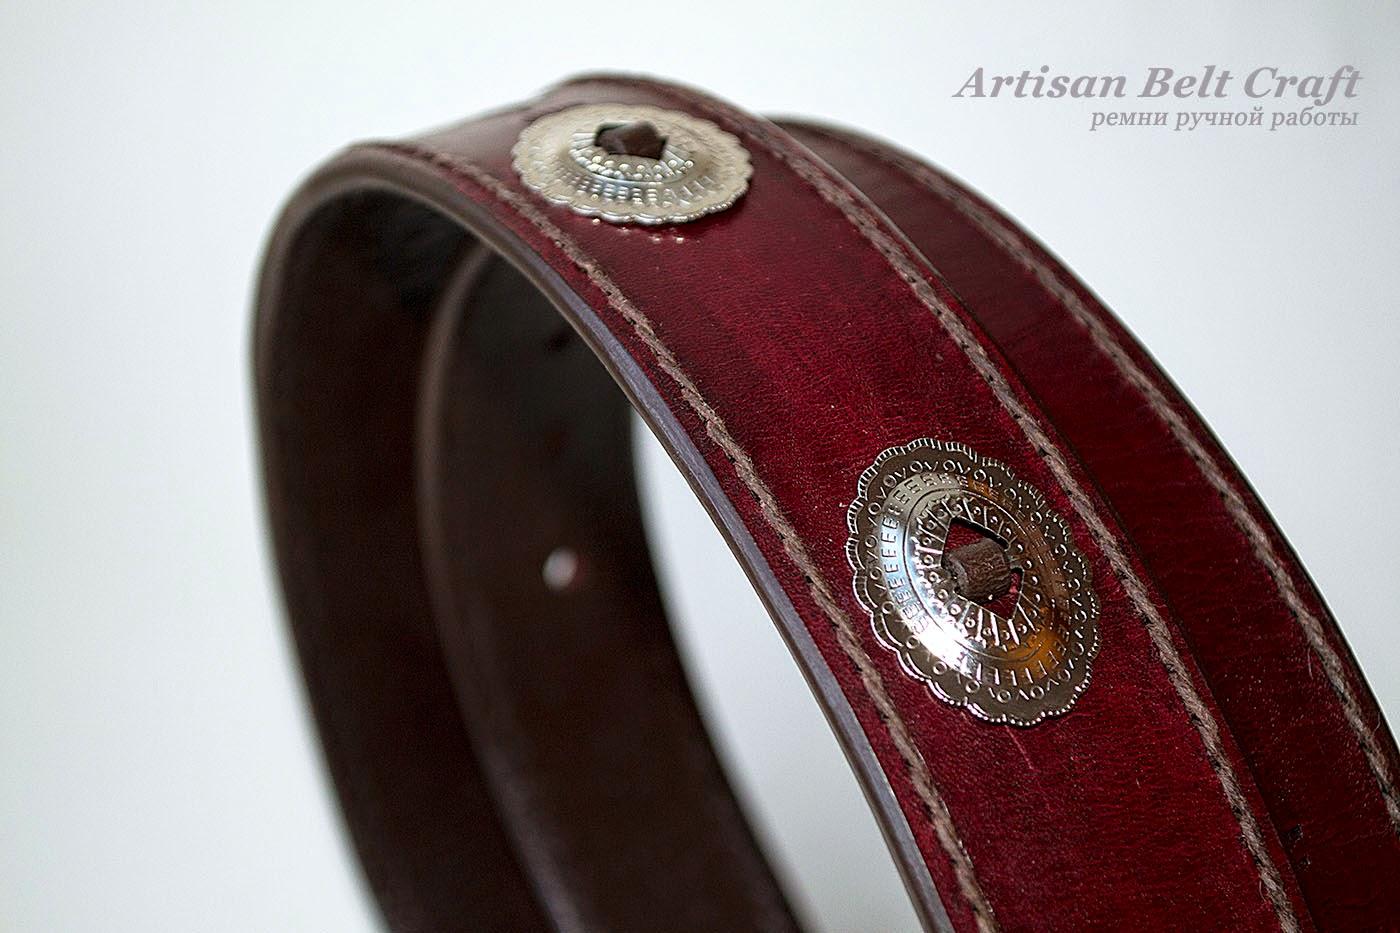 изготовление ремней artisan belt craft